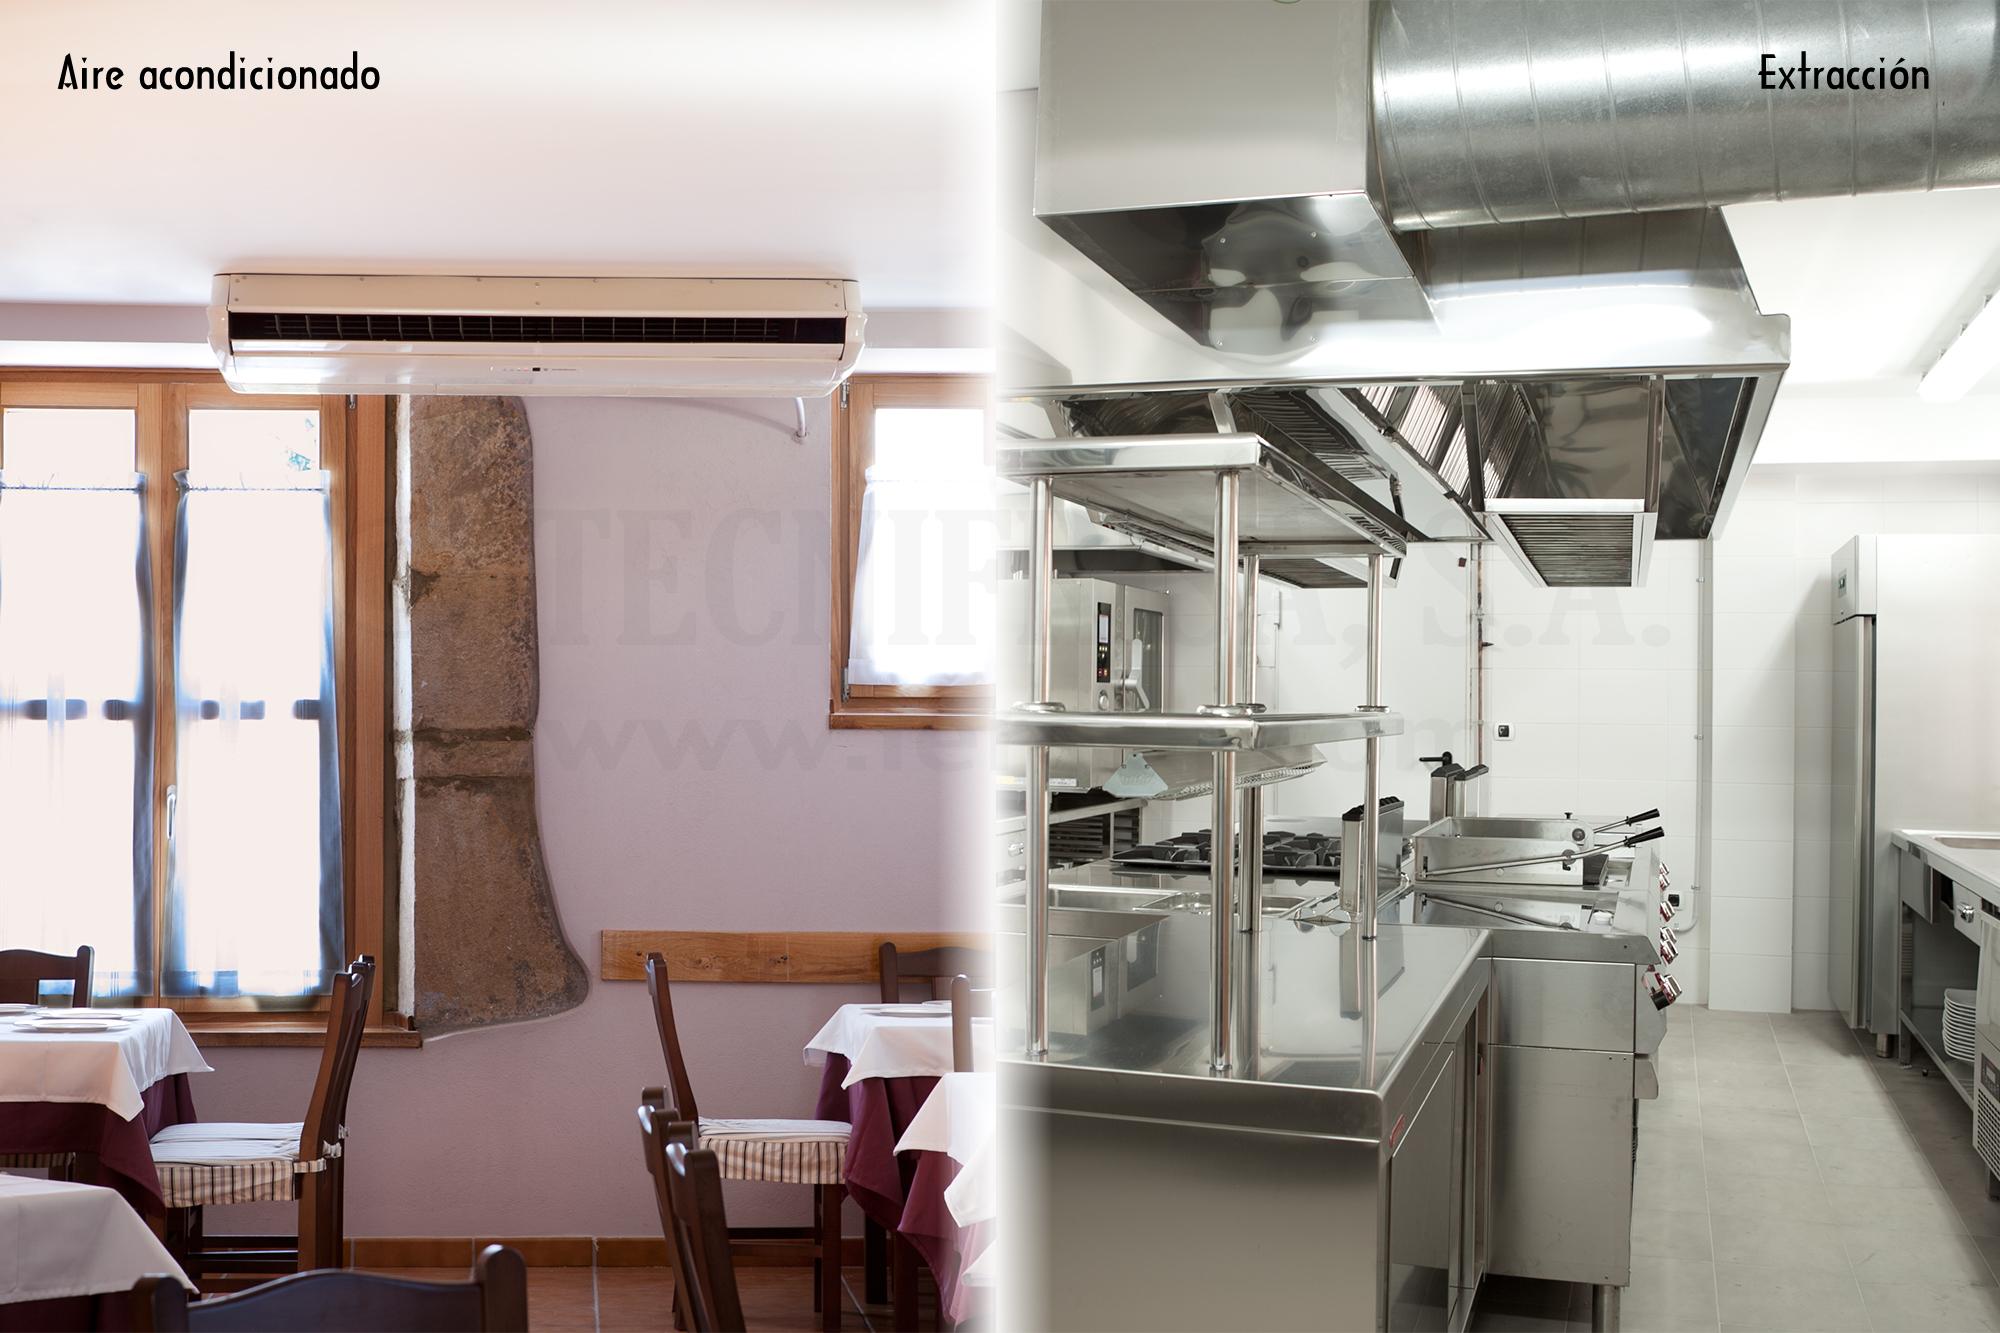 Genial extraccion humos cocina im genes foto falseado - Montadores de cocinas ...